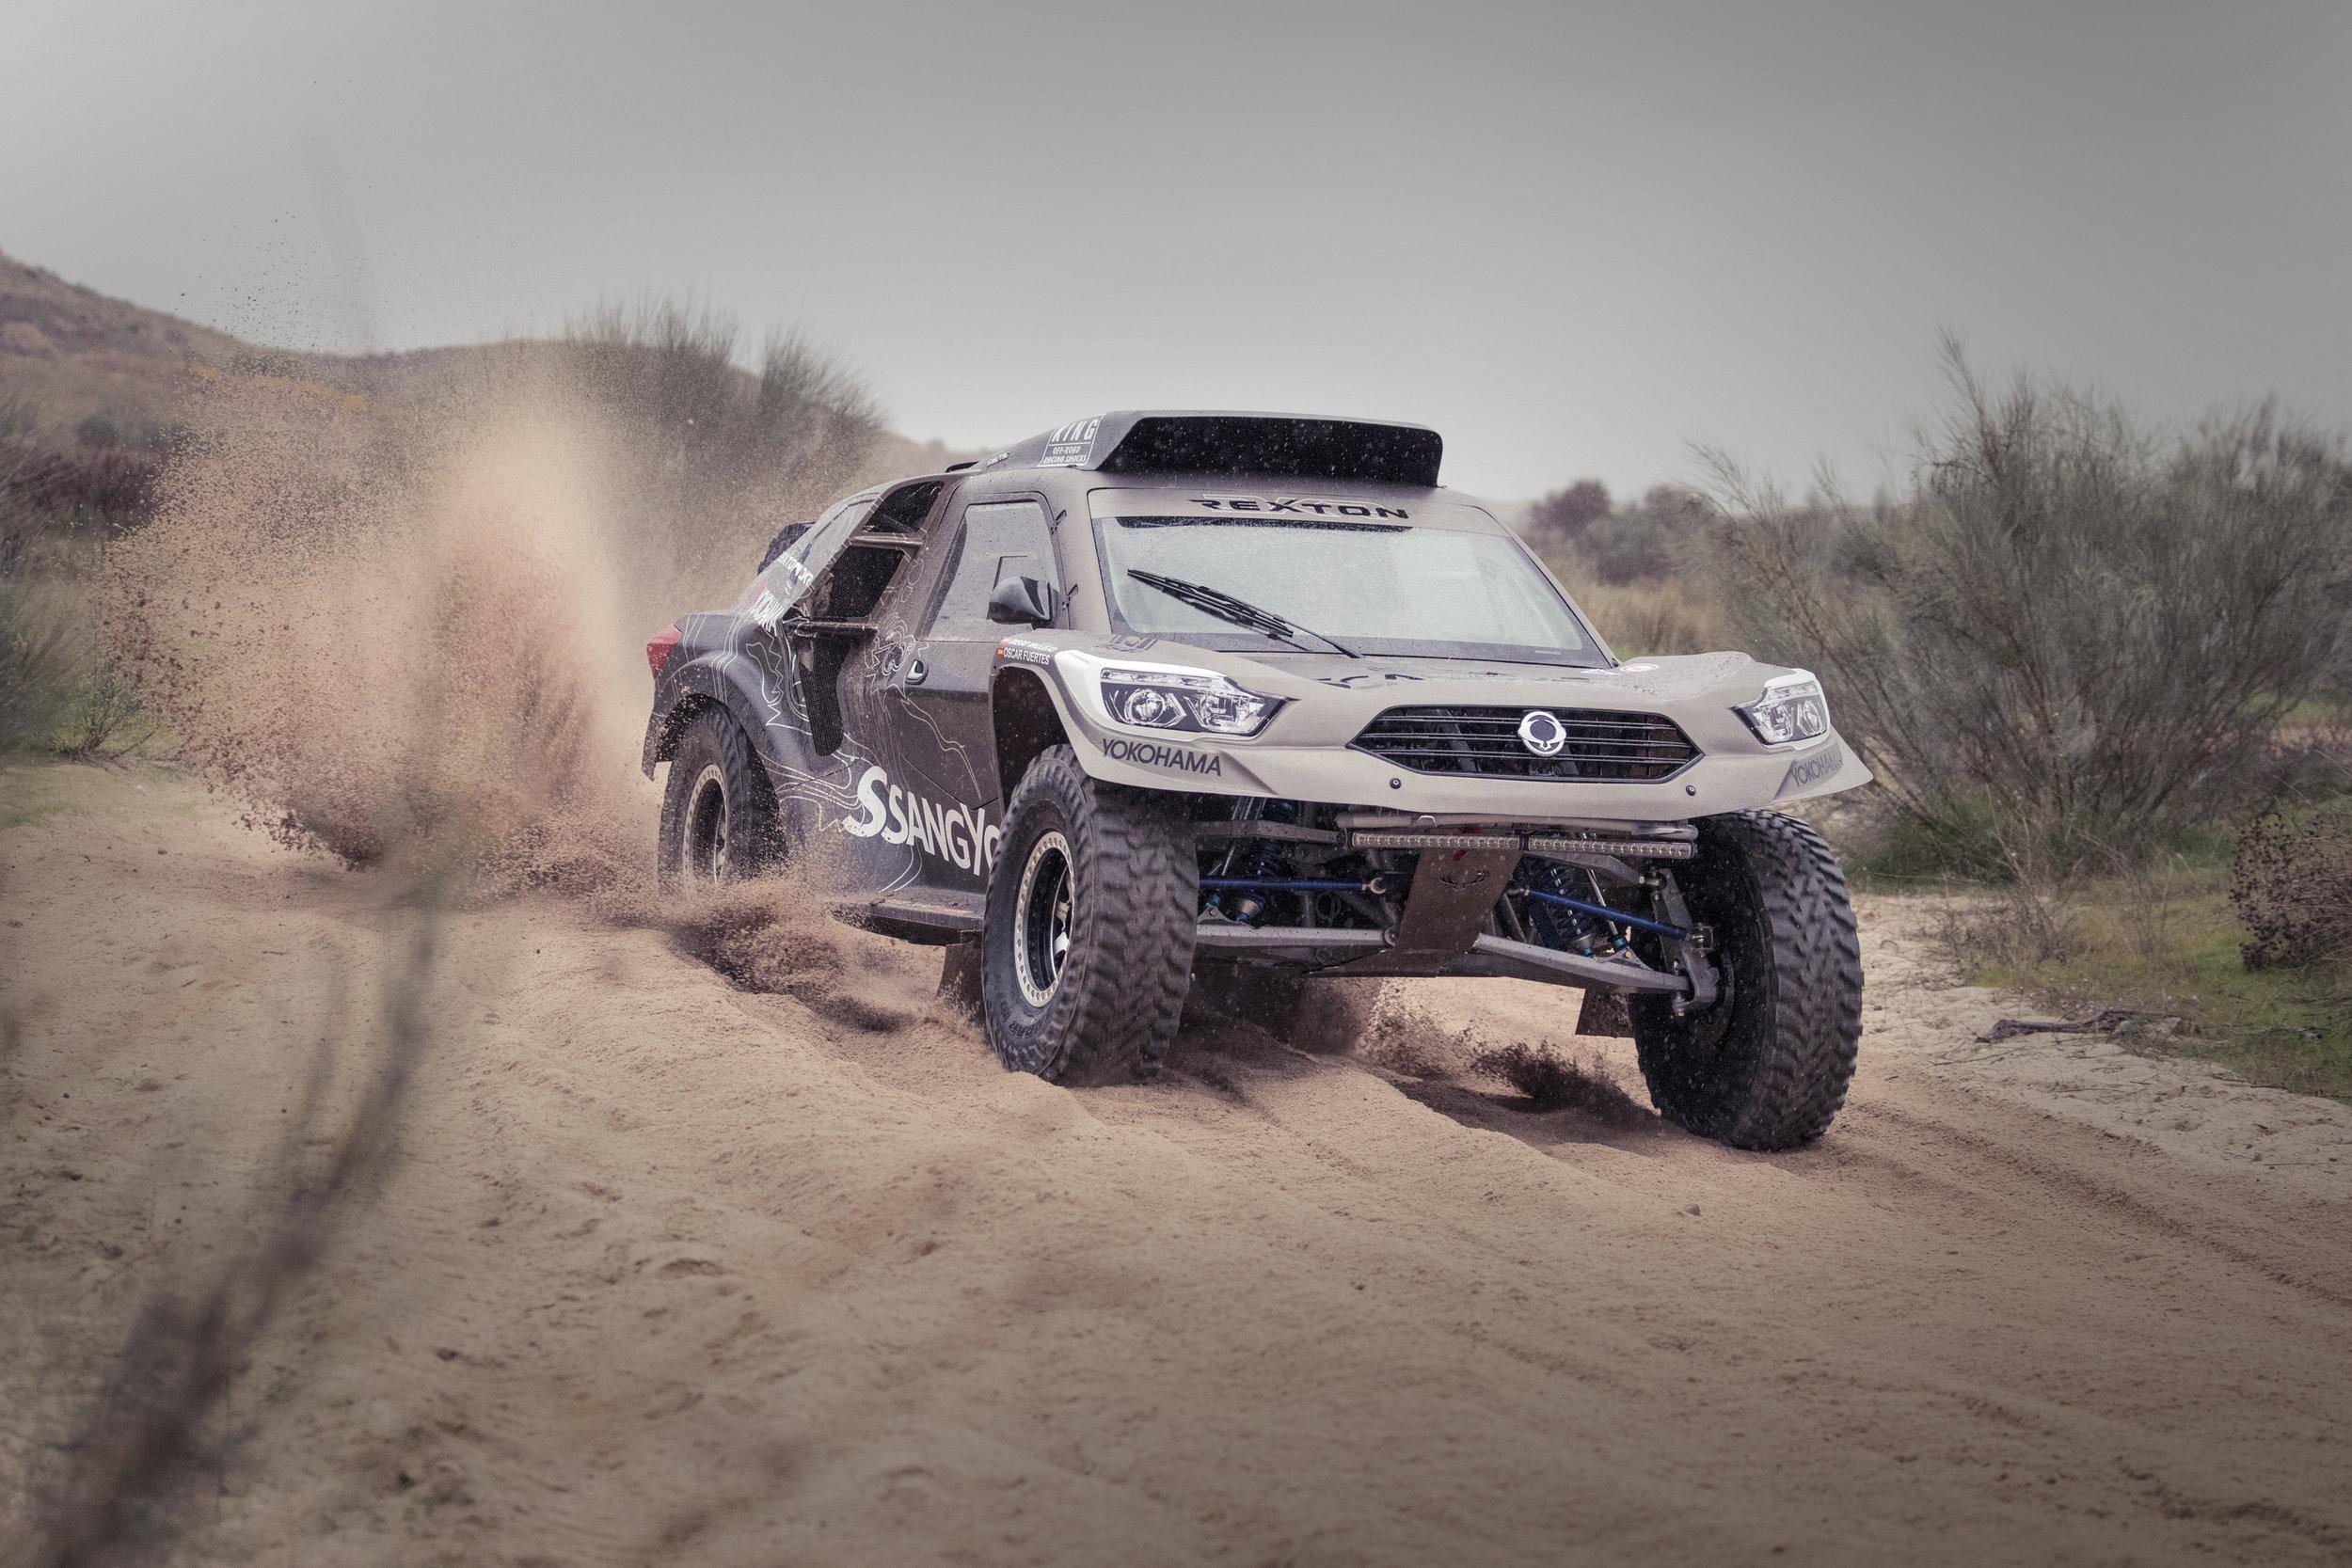 Dakar Rallye 2019 auf YOKOHAMA Geolandar M/T G033